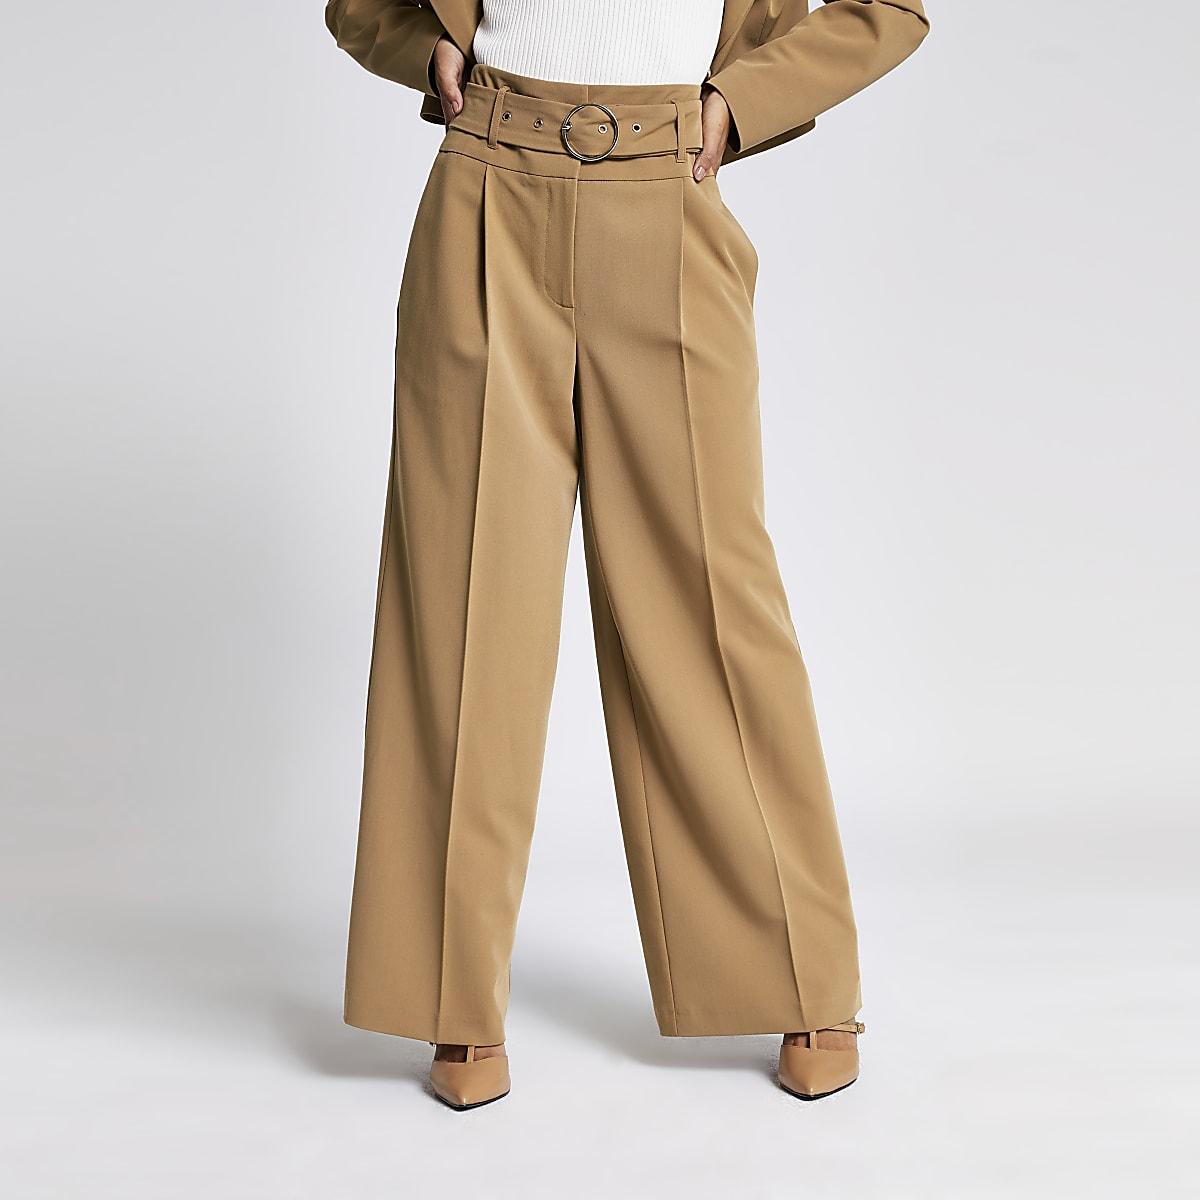 RI Petite - Lichtbruine broek met wijde pijpen en ceintuur